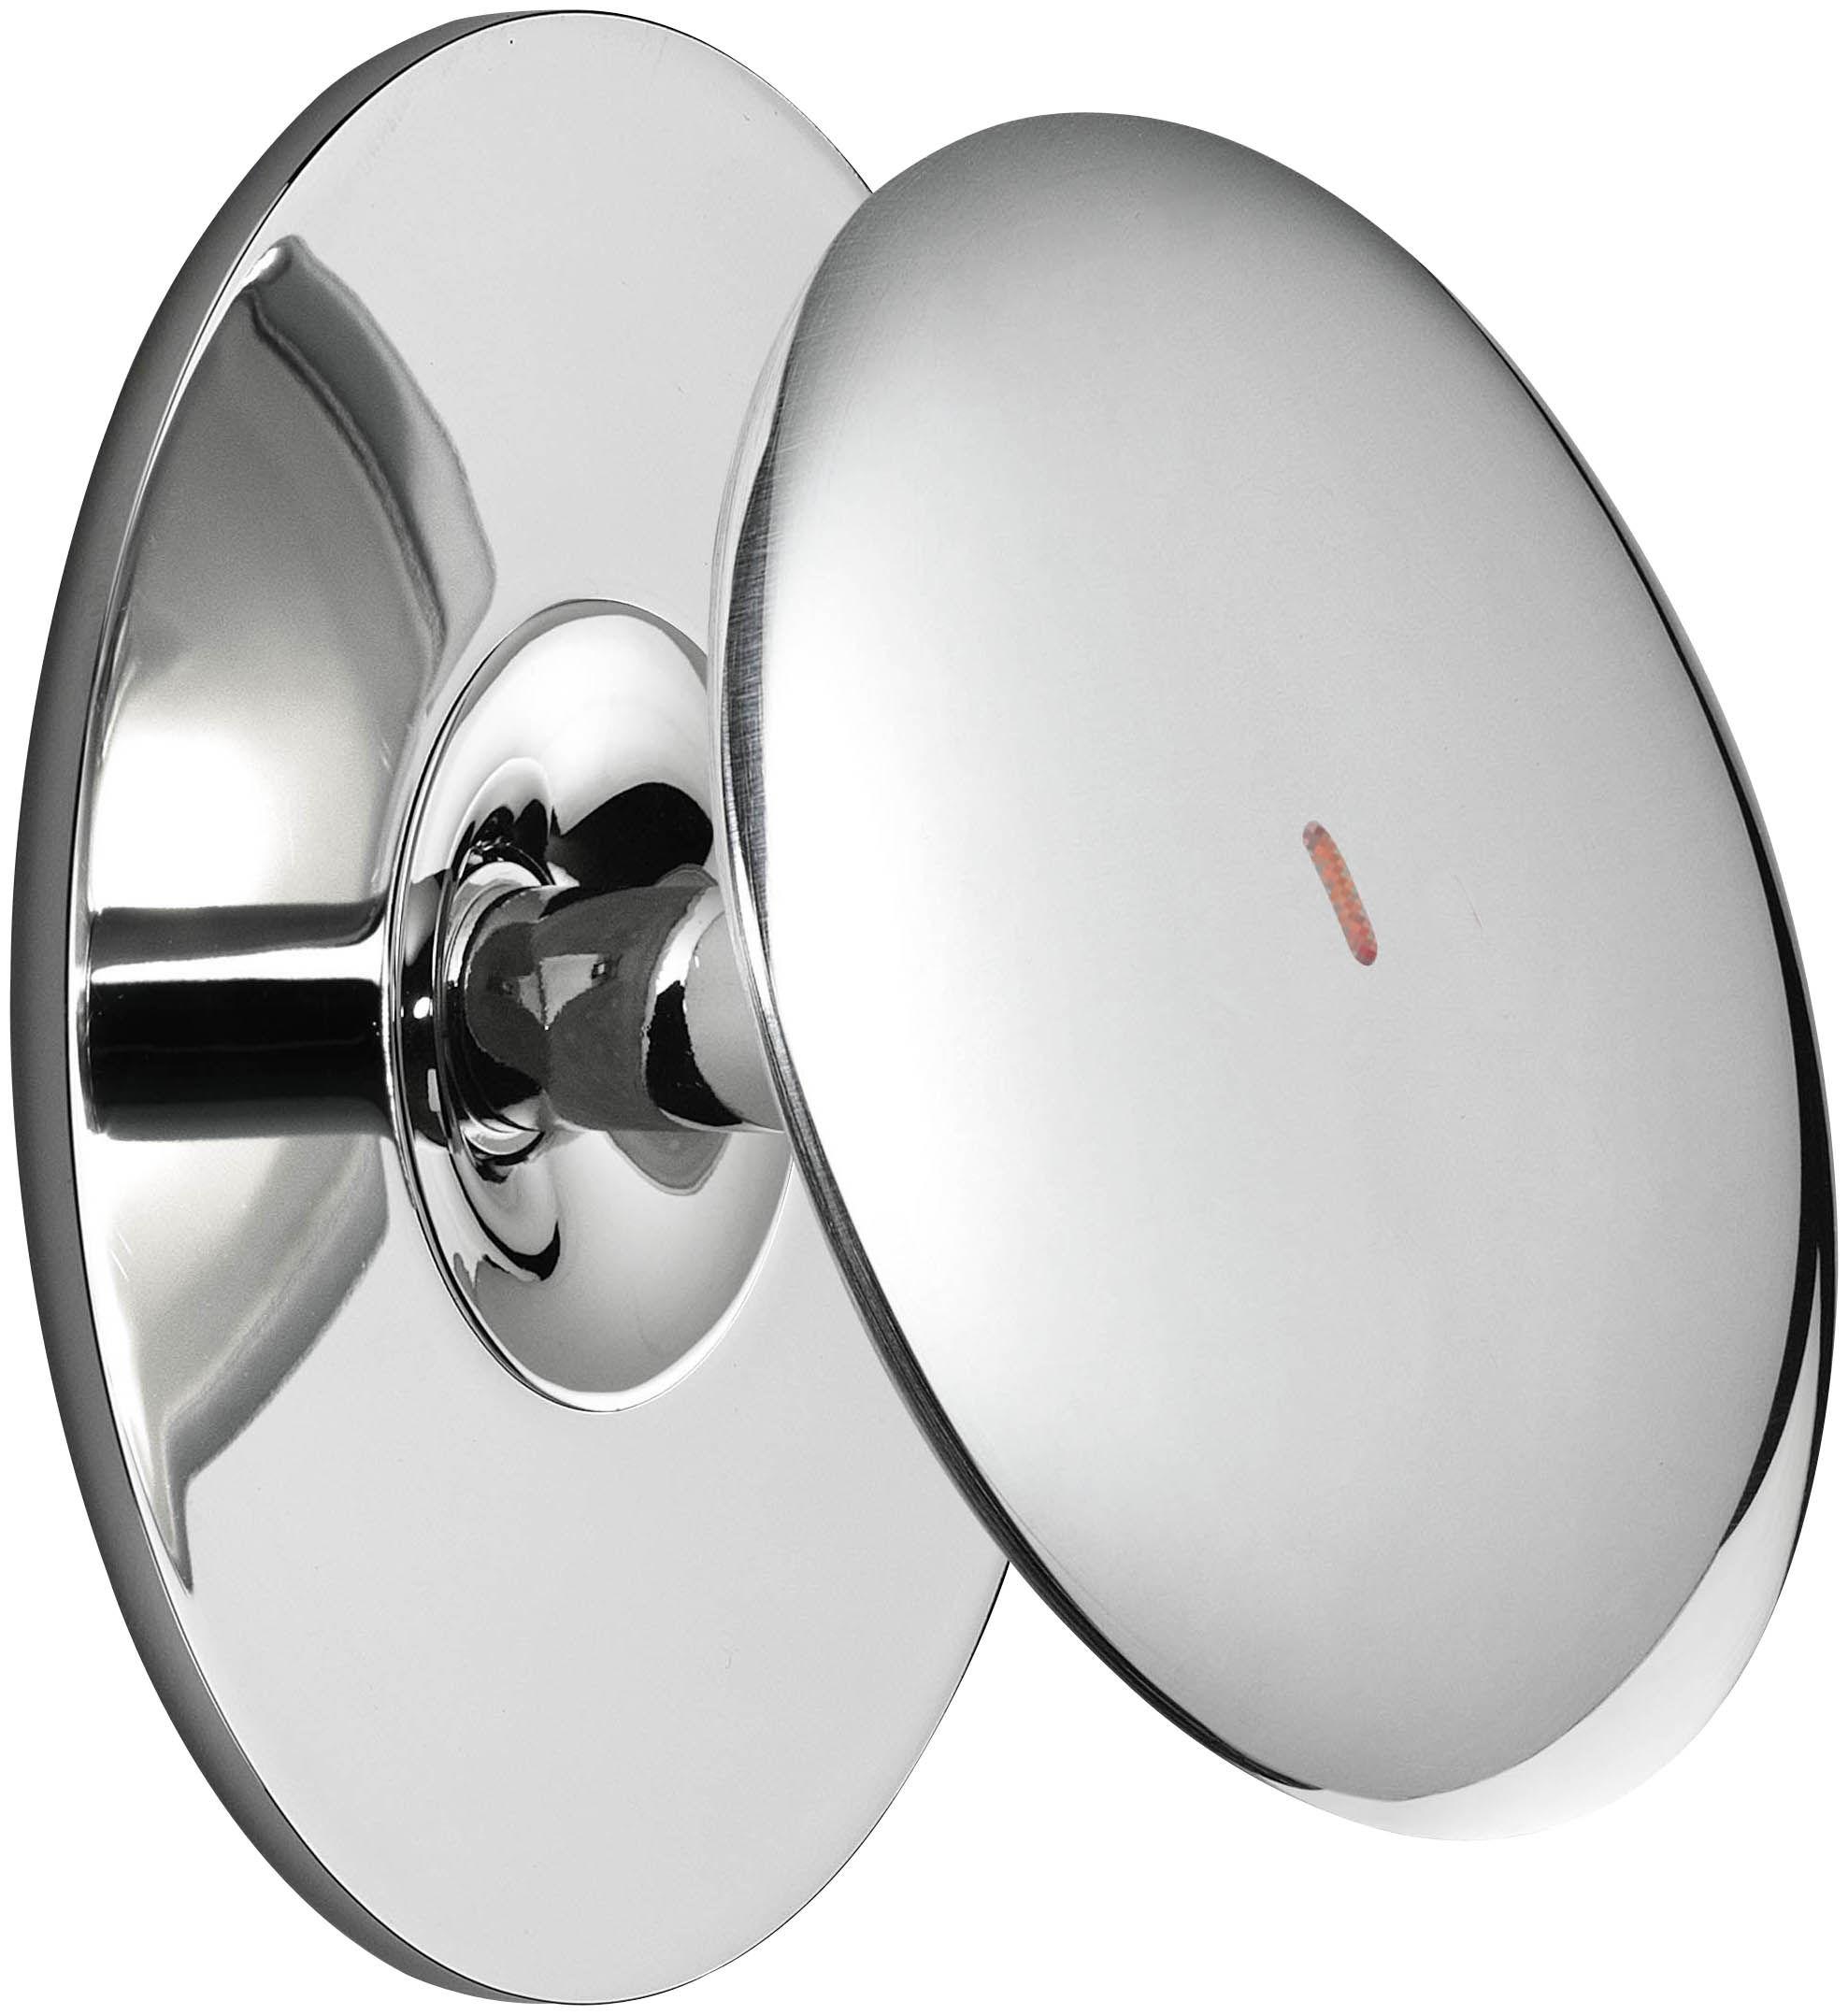 Luminaire - Appliques - Applique Back 1 LED / Ø 10,3 cm - Interrupteur sensitif - Flos - Avec interrupteur / Chromé - Aluminium moulé sous pression, Méthacrylate